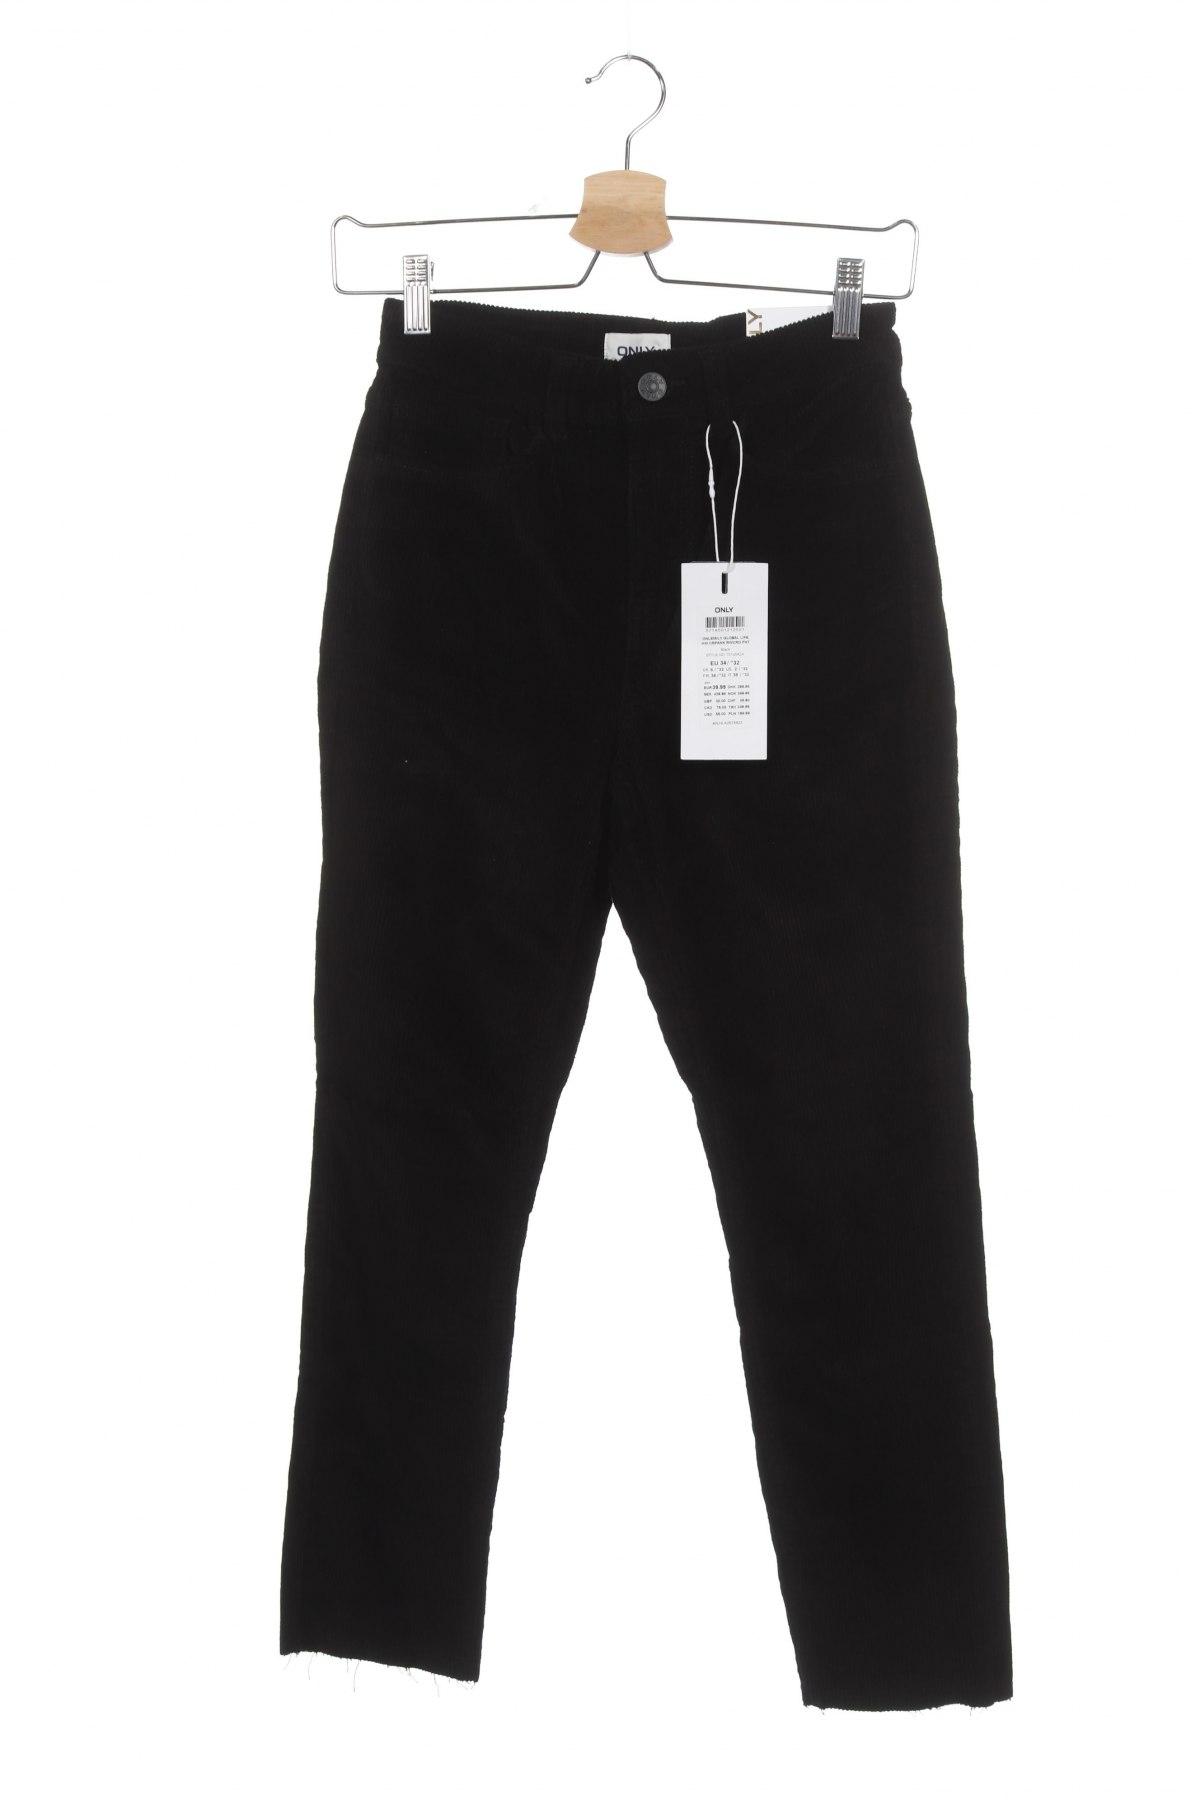 Дамски дънки ONLY, Размер XS, Цвят Черен, 98% памук, 2% еластан, Цена 12,94лв.